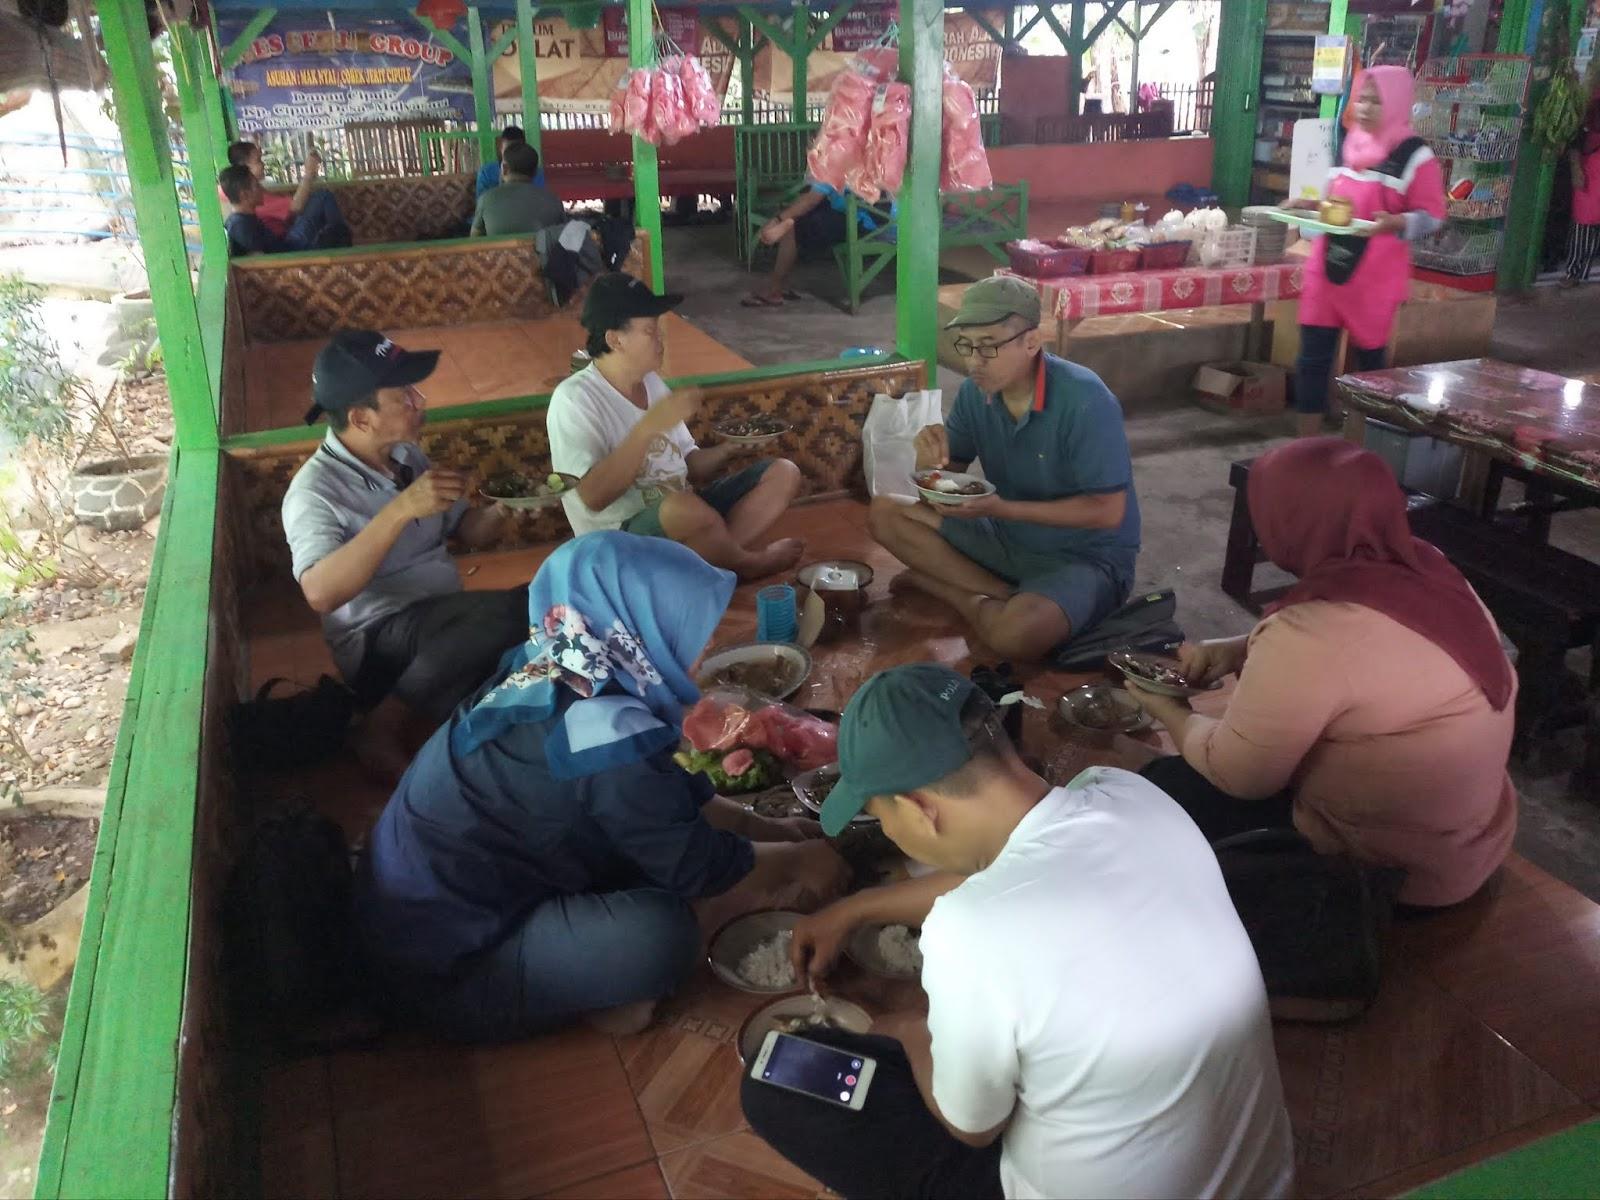 Sekian lama tak jumpa lima anggota pecinta alam Agatra Sraya Jakarta berbeda angkatan ini ngumpul di Karawang Nanjak Gunung Sangga Buana maklum anak